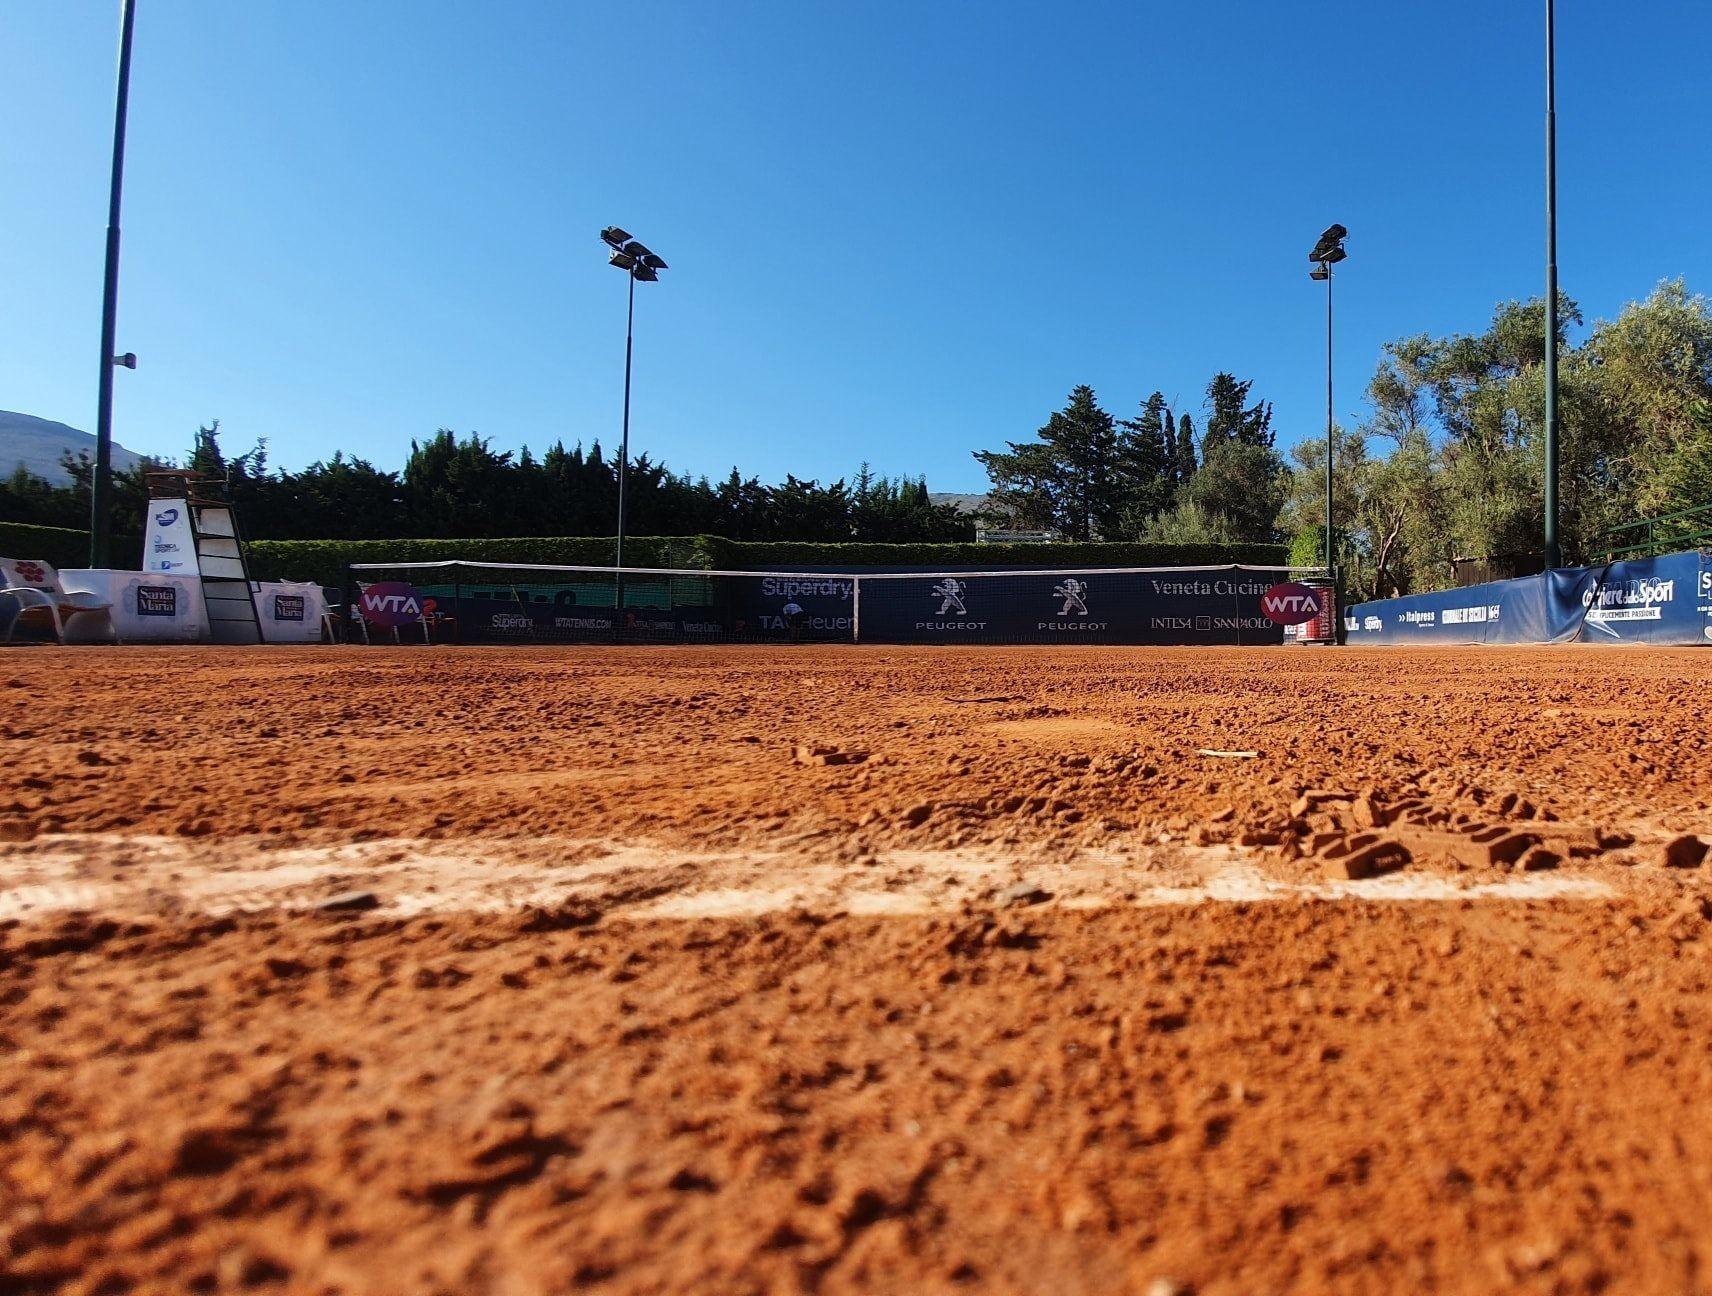 WTA Palermo: Giocatrice positiva al coronavirus. Torneo a rischio?